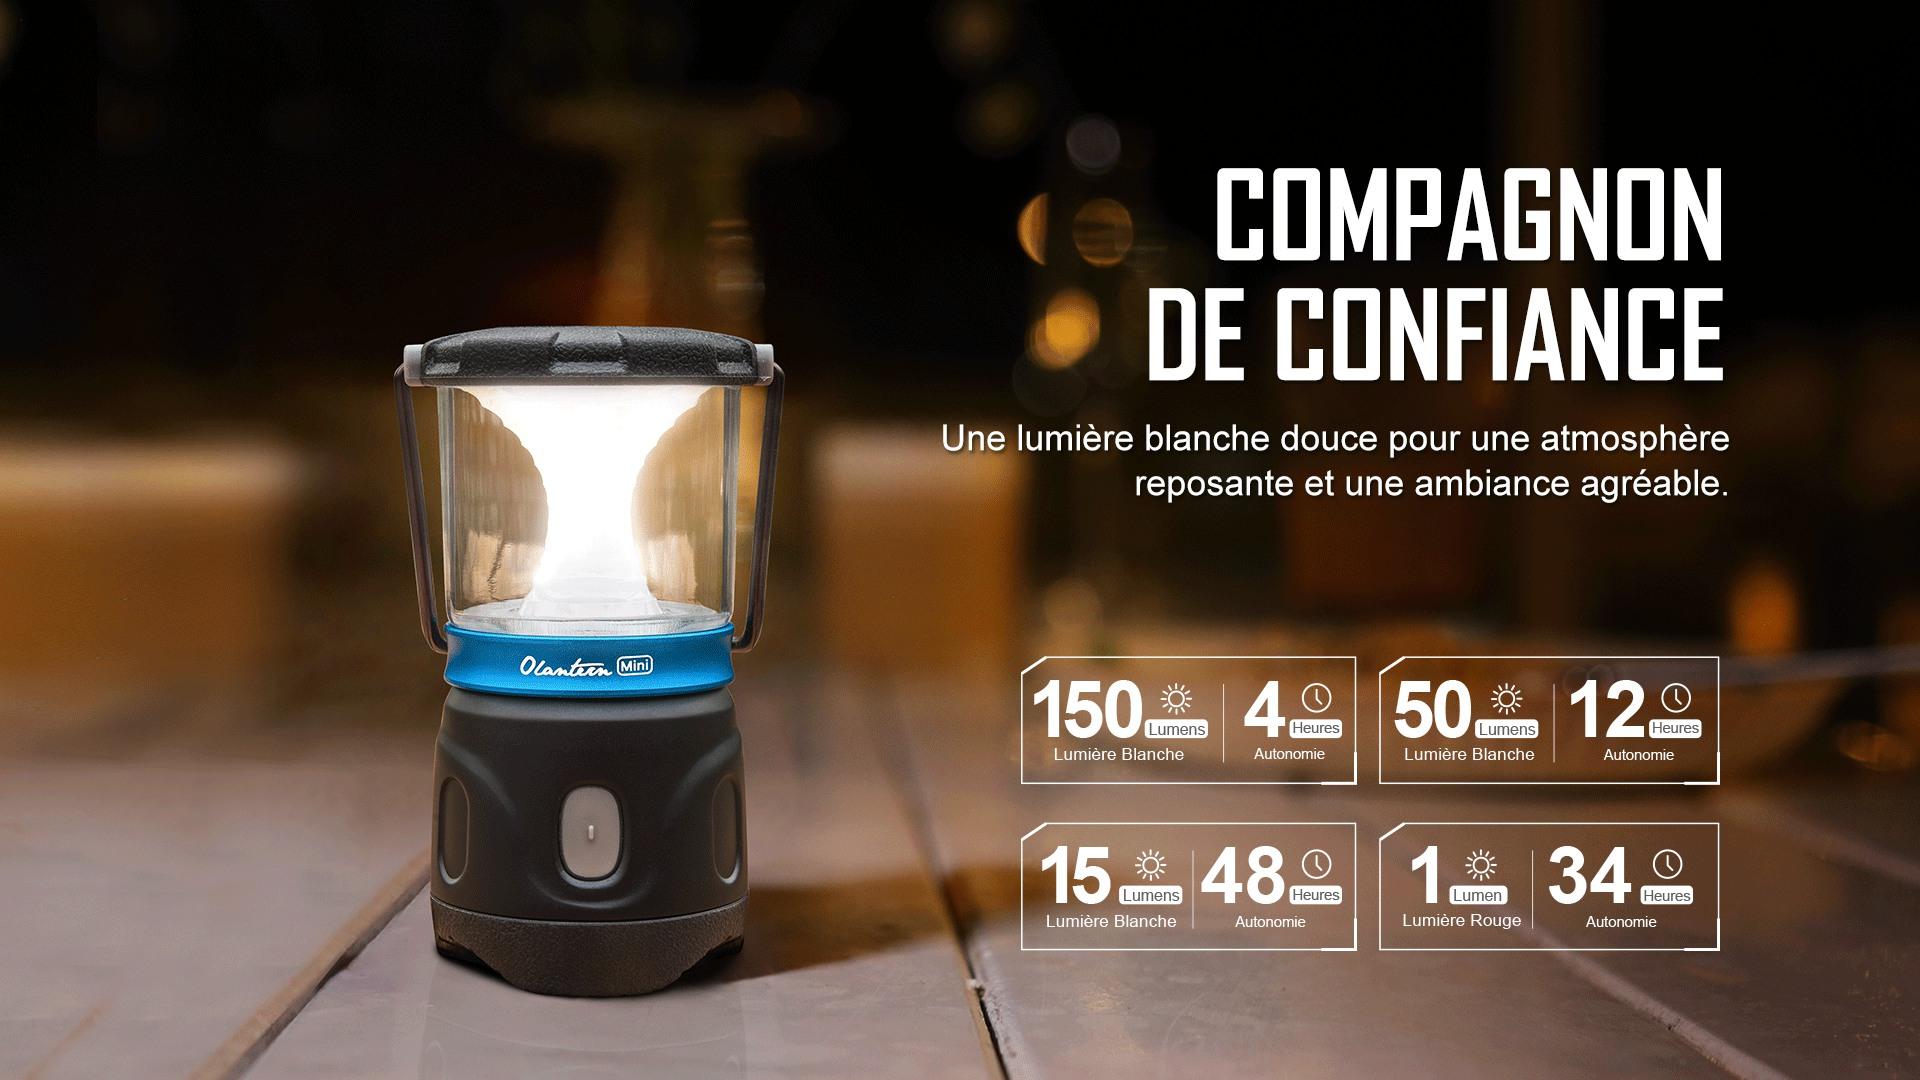 lanterne de camping lanterne de camping peut générer 3 niveaux de luminosité